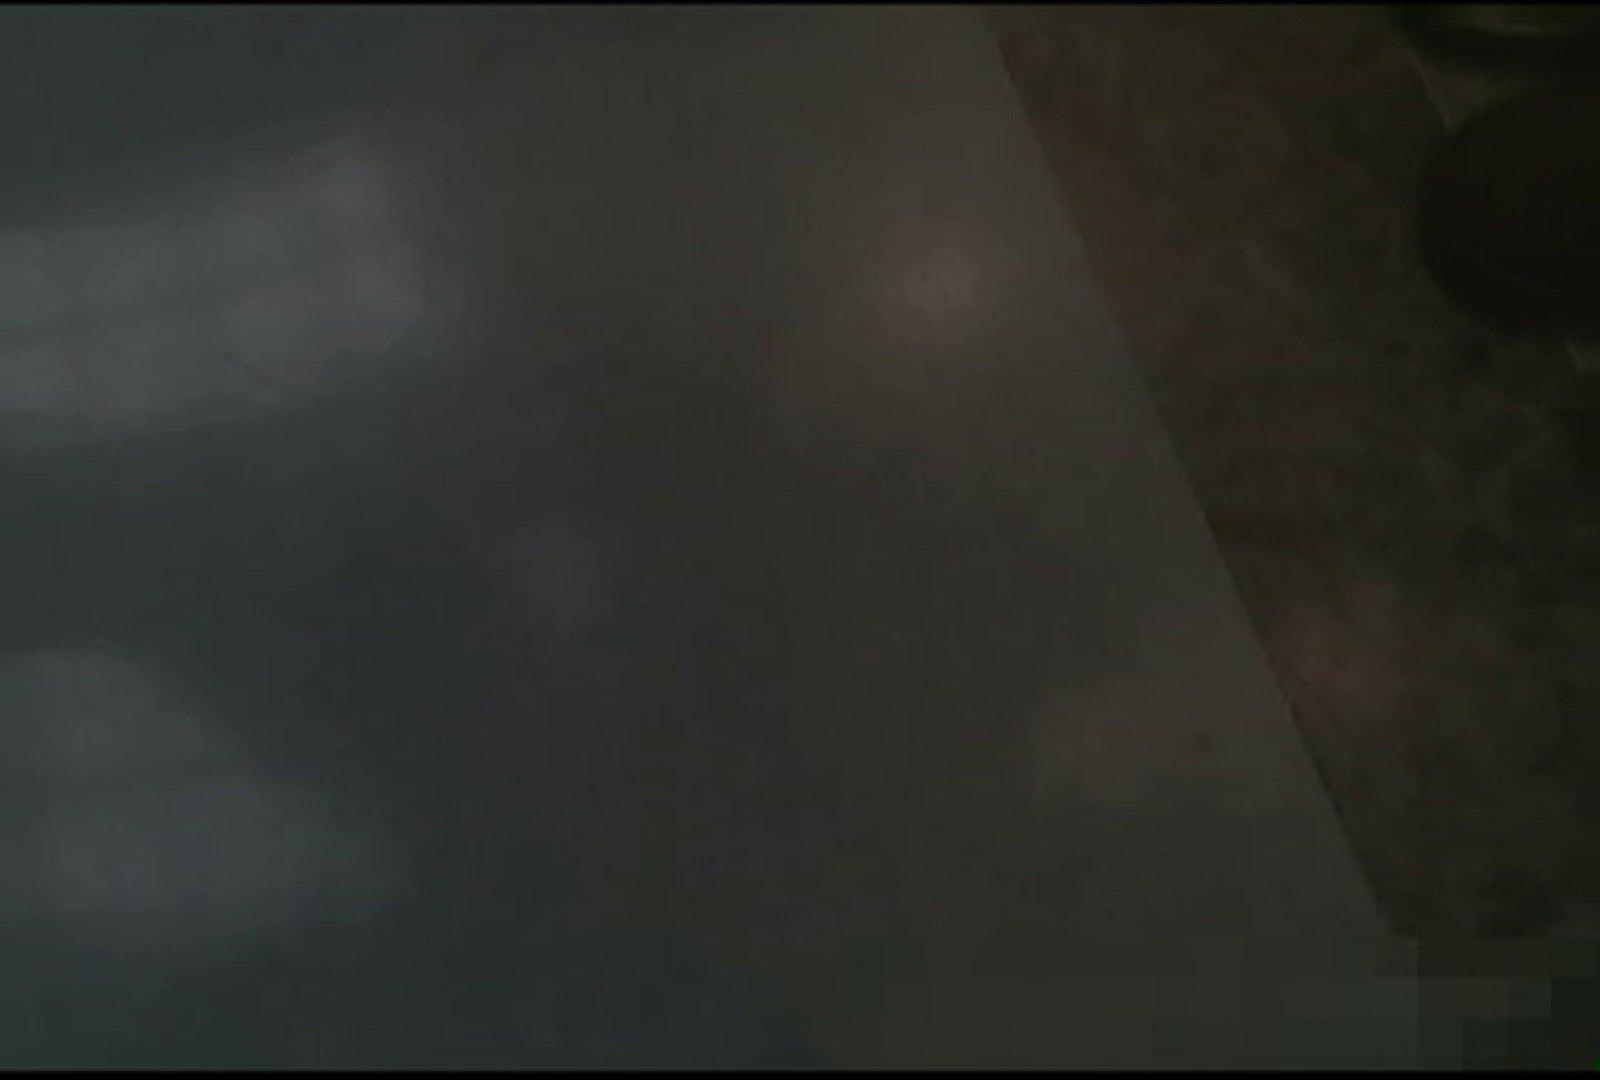 「ノゾキスト」さんの陰撮!!美女サルベージVol.1 OLヌード天国  89PIX 51